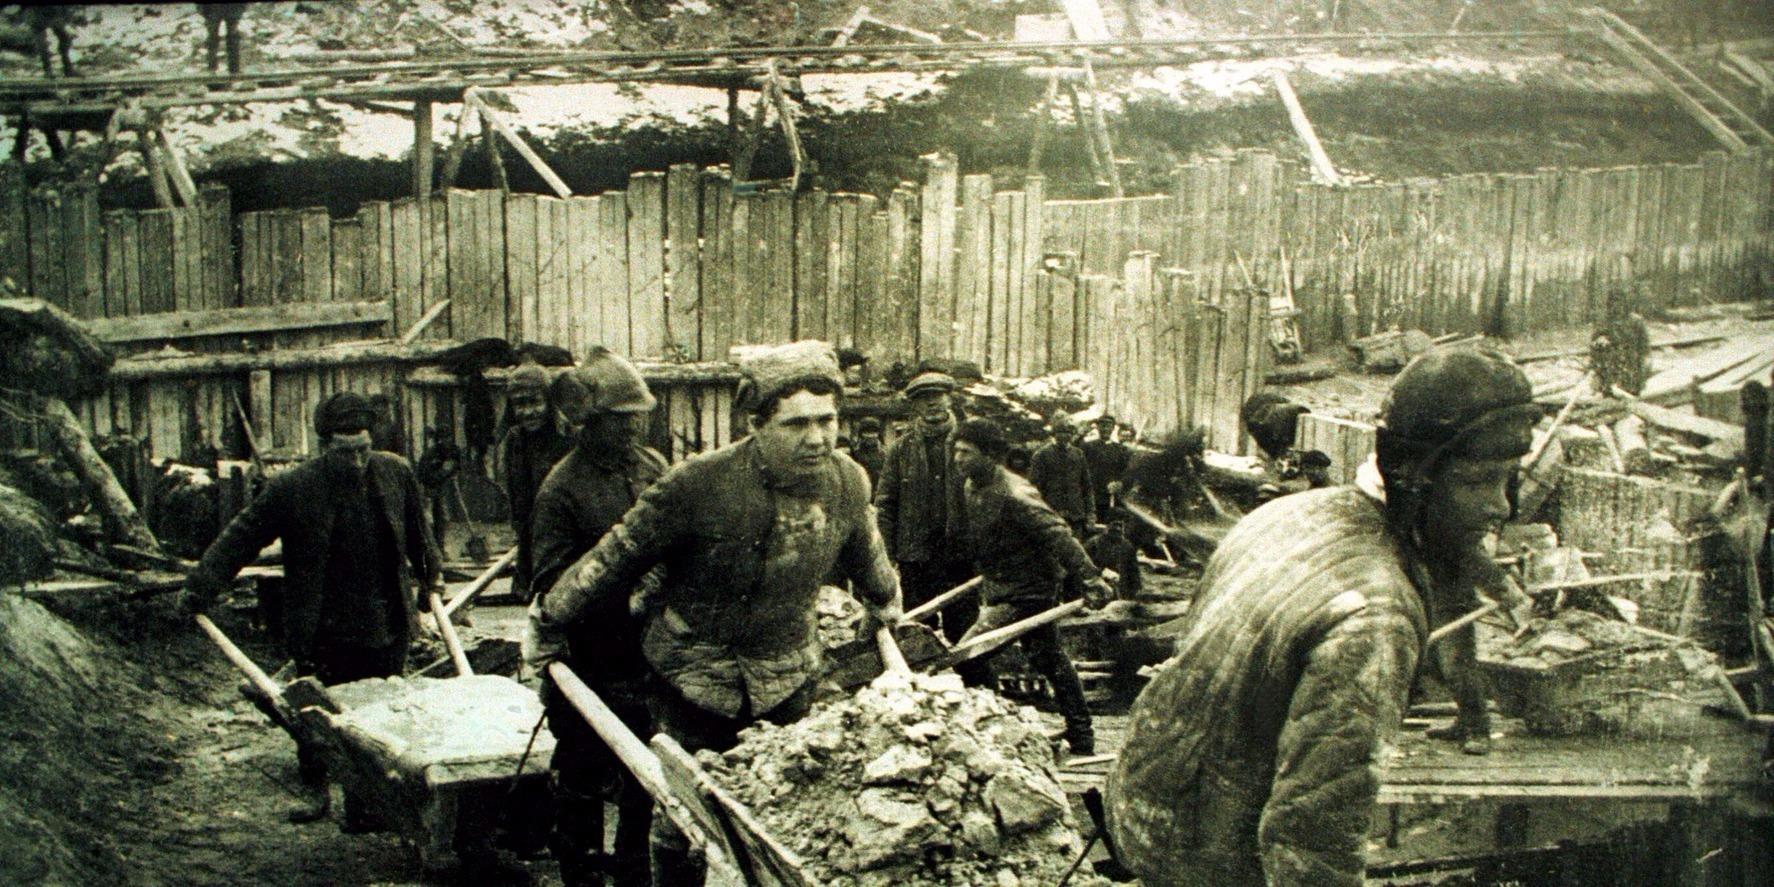 Szovjetunió, 1940-es, 50-es évekTomas Kizny lengyel fotóművész kiállításának egyik fotója. A művésznek az 1990-es évek elején, az egykori Gulag táborok helyszínén készült fotóiból és a Memorial Egyesület - amely a sztálinizmus áldozatainak emlékét őrzi Moszkvában - dokumentumaiból nyílik kiállítás 1999. április 30-án Budapesten, a Zrínyi Nyomda egykori épületében. MTI Fotó: Reprodukció